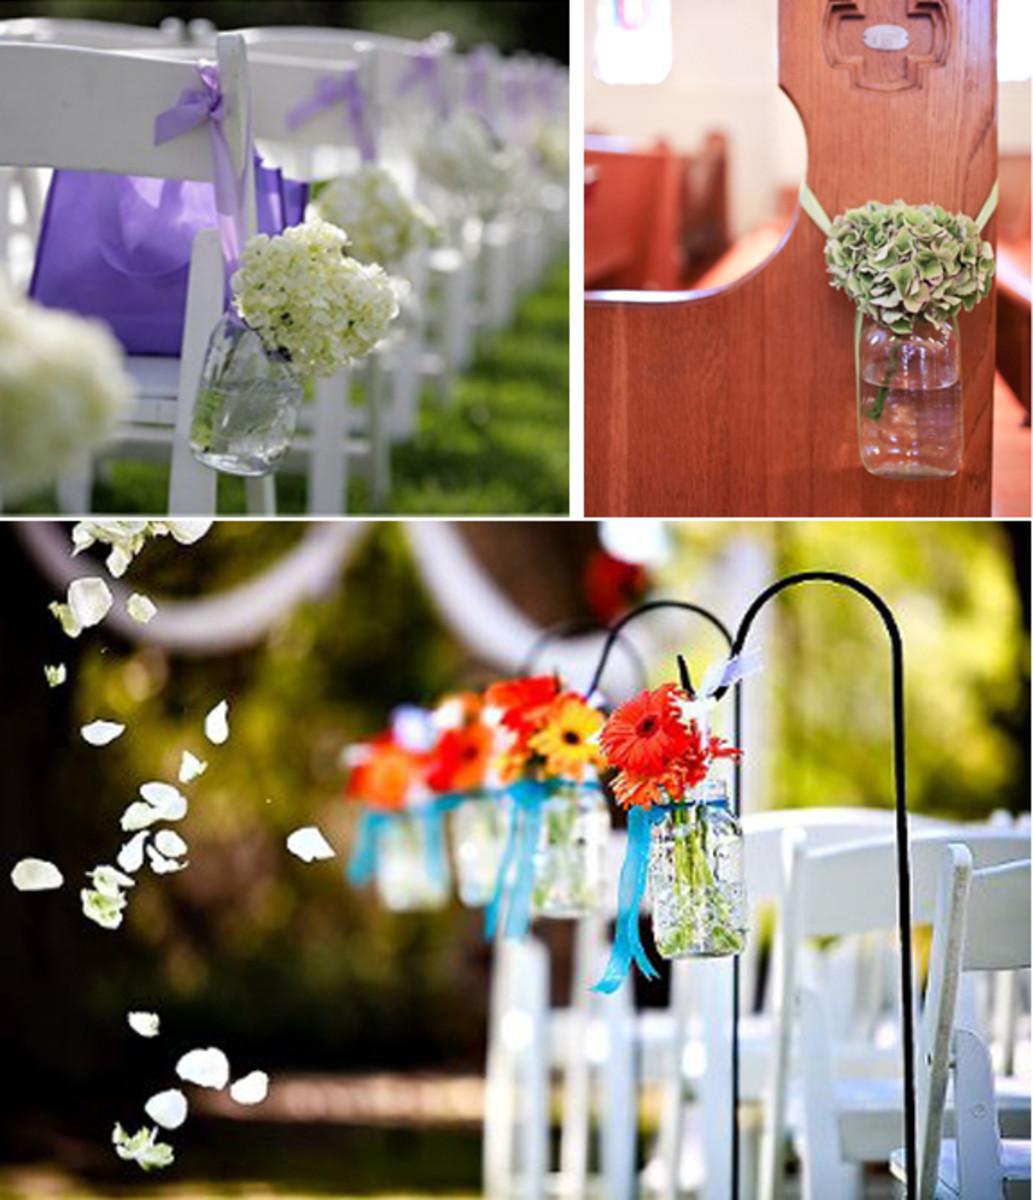 Mason Jars Rustic Wedding Decorations: Mason Jars For Wedding Decorations: Rustic, Beautiful